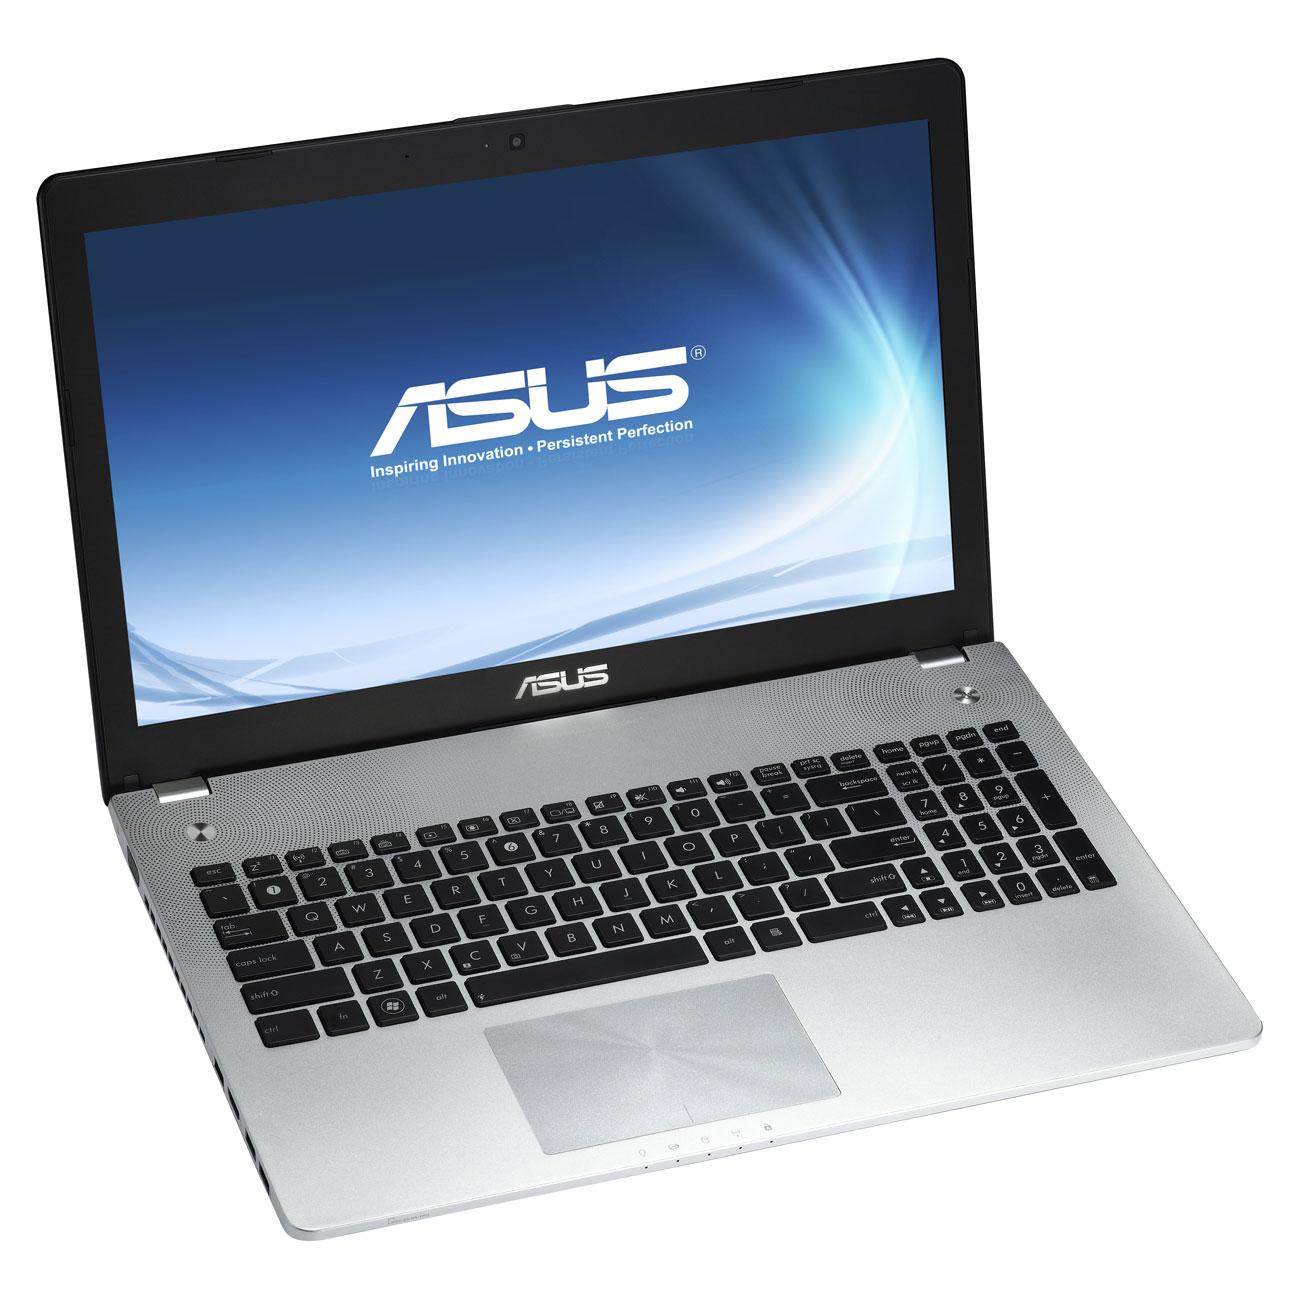 """PC portable ASUS N56VB-S4191H Intel Core i7-3630M 4 Go 750 Go 15.6"""" LED NVIDIA GeForce GT 740M Graveur DVD Wi-Fi N/Bluetooth Webcam Windows 8 64 bits (garantie constructeur 1 an)"""